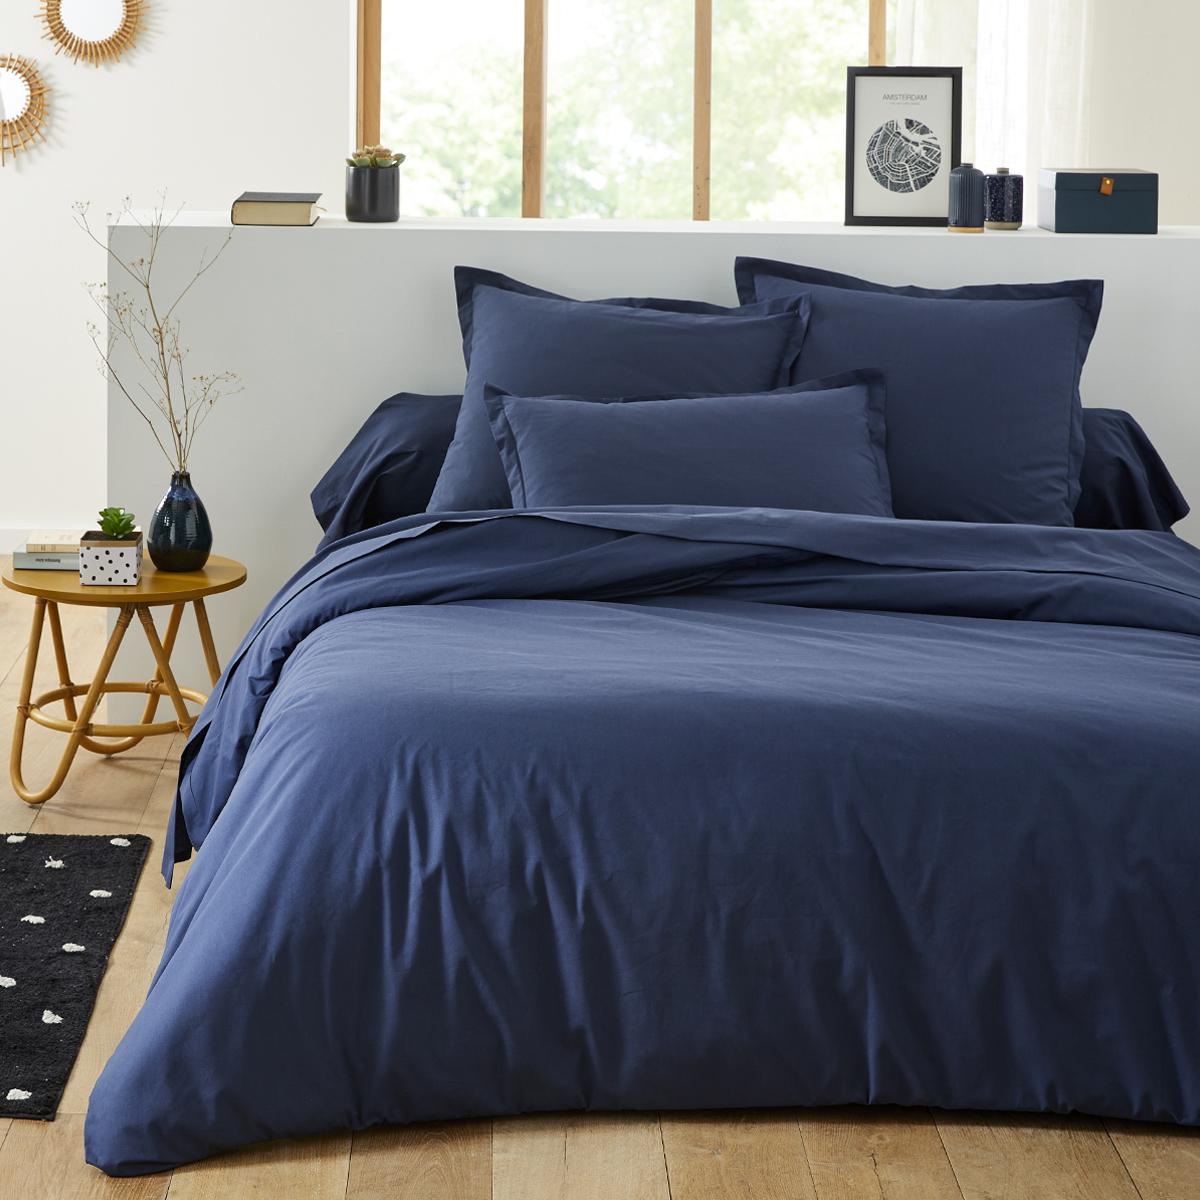 Housse de couette unie en coton bleu nuit 240x220